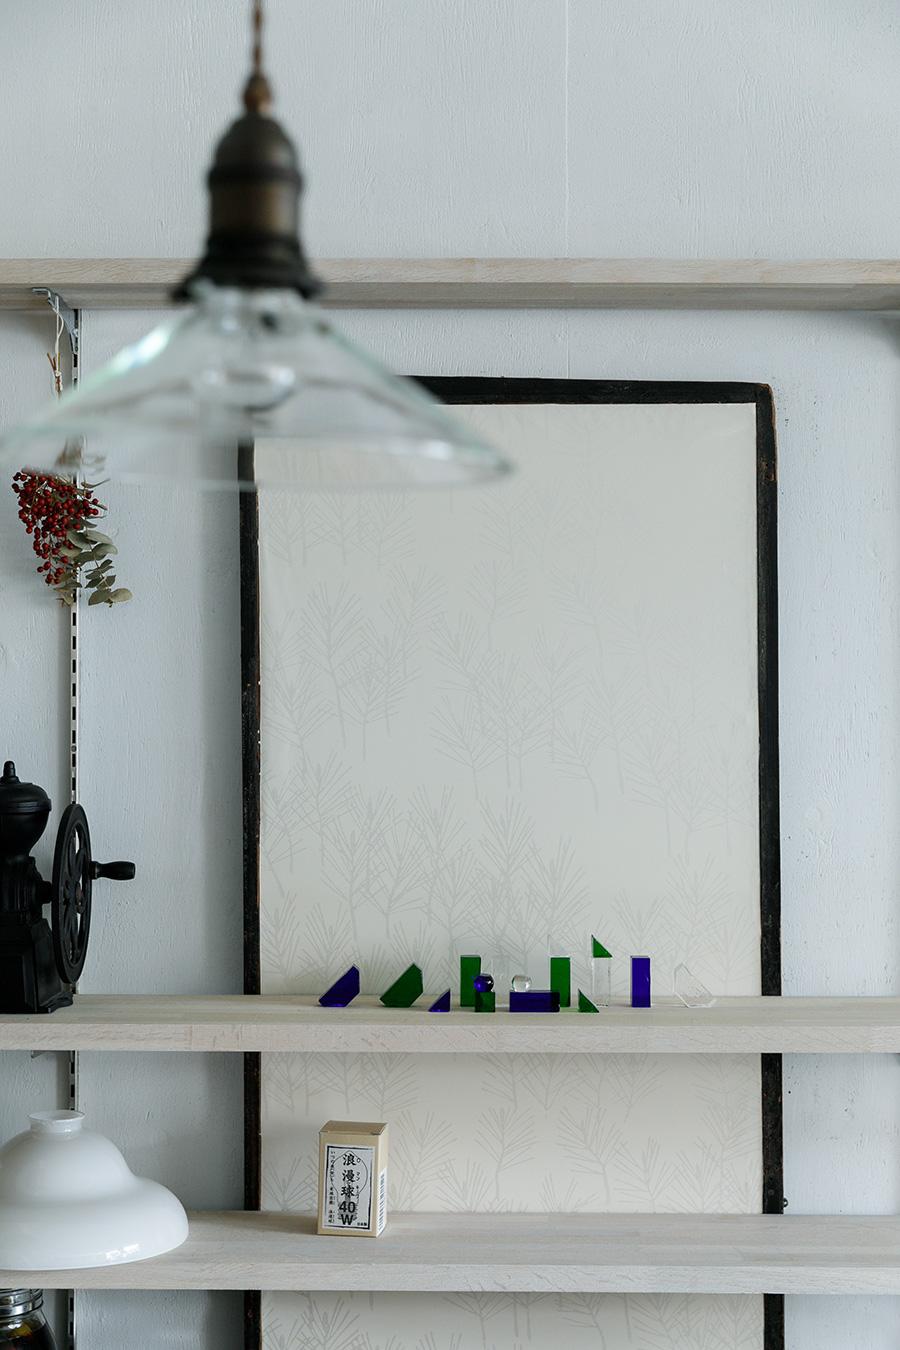 板襖は手前は襖で、裏側は板戸になっている。ボロボロだった襖紙は「春挙松」と呼ばれる松の若葉の柄の江戸からかみを張り直してもらった。「北欧デザインのような雰囲気もあって気に入りました」(奥さん)。